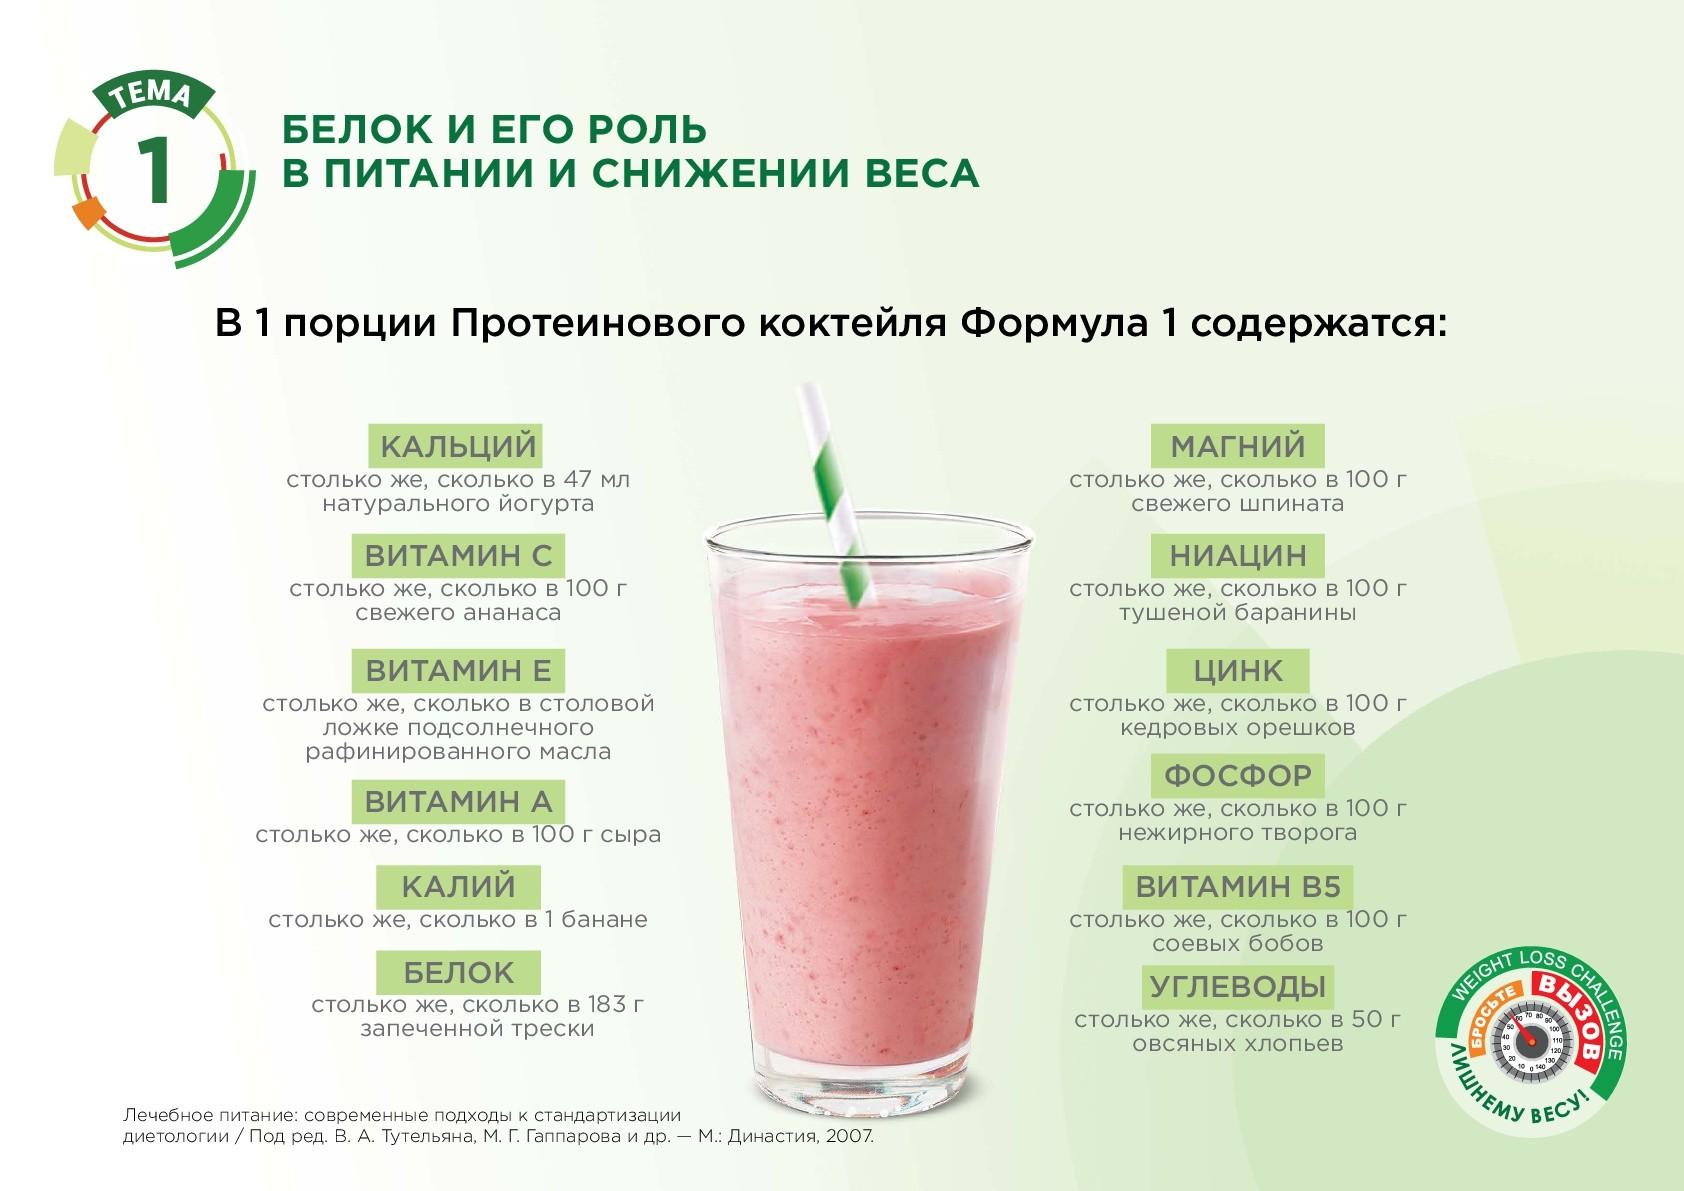 В 1 порции Протеинового коктейля Формула 1 содержатся